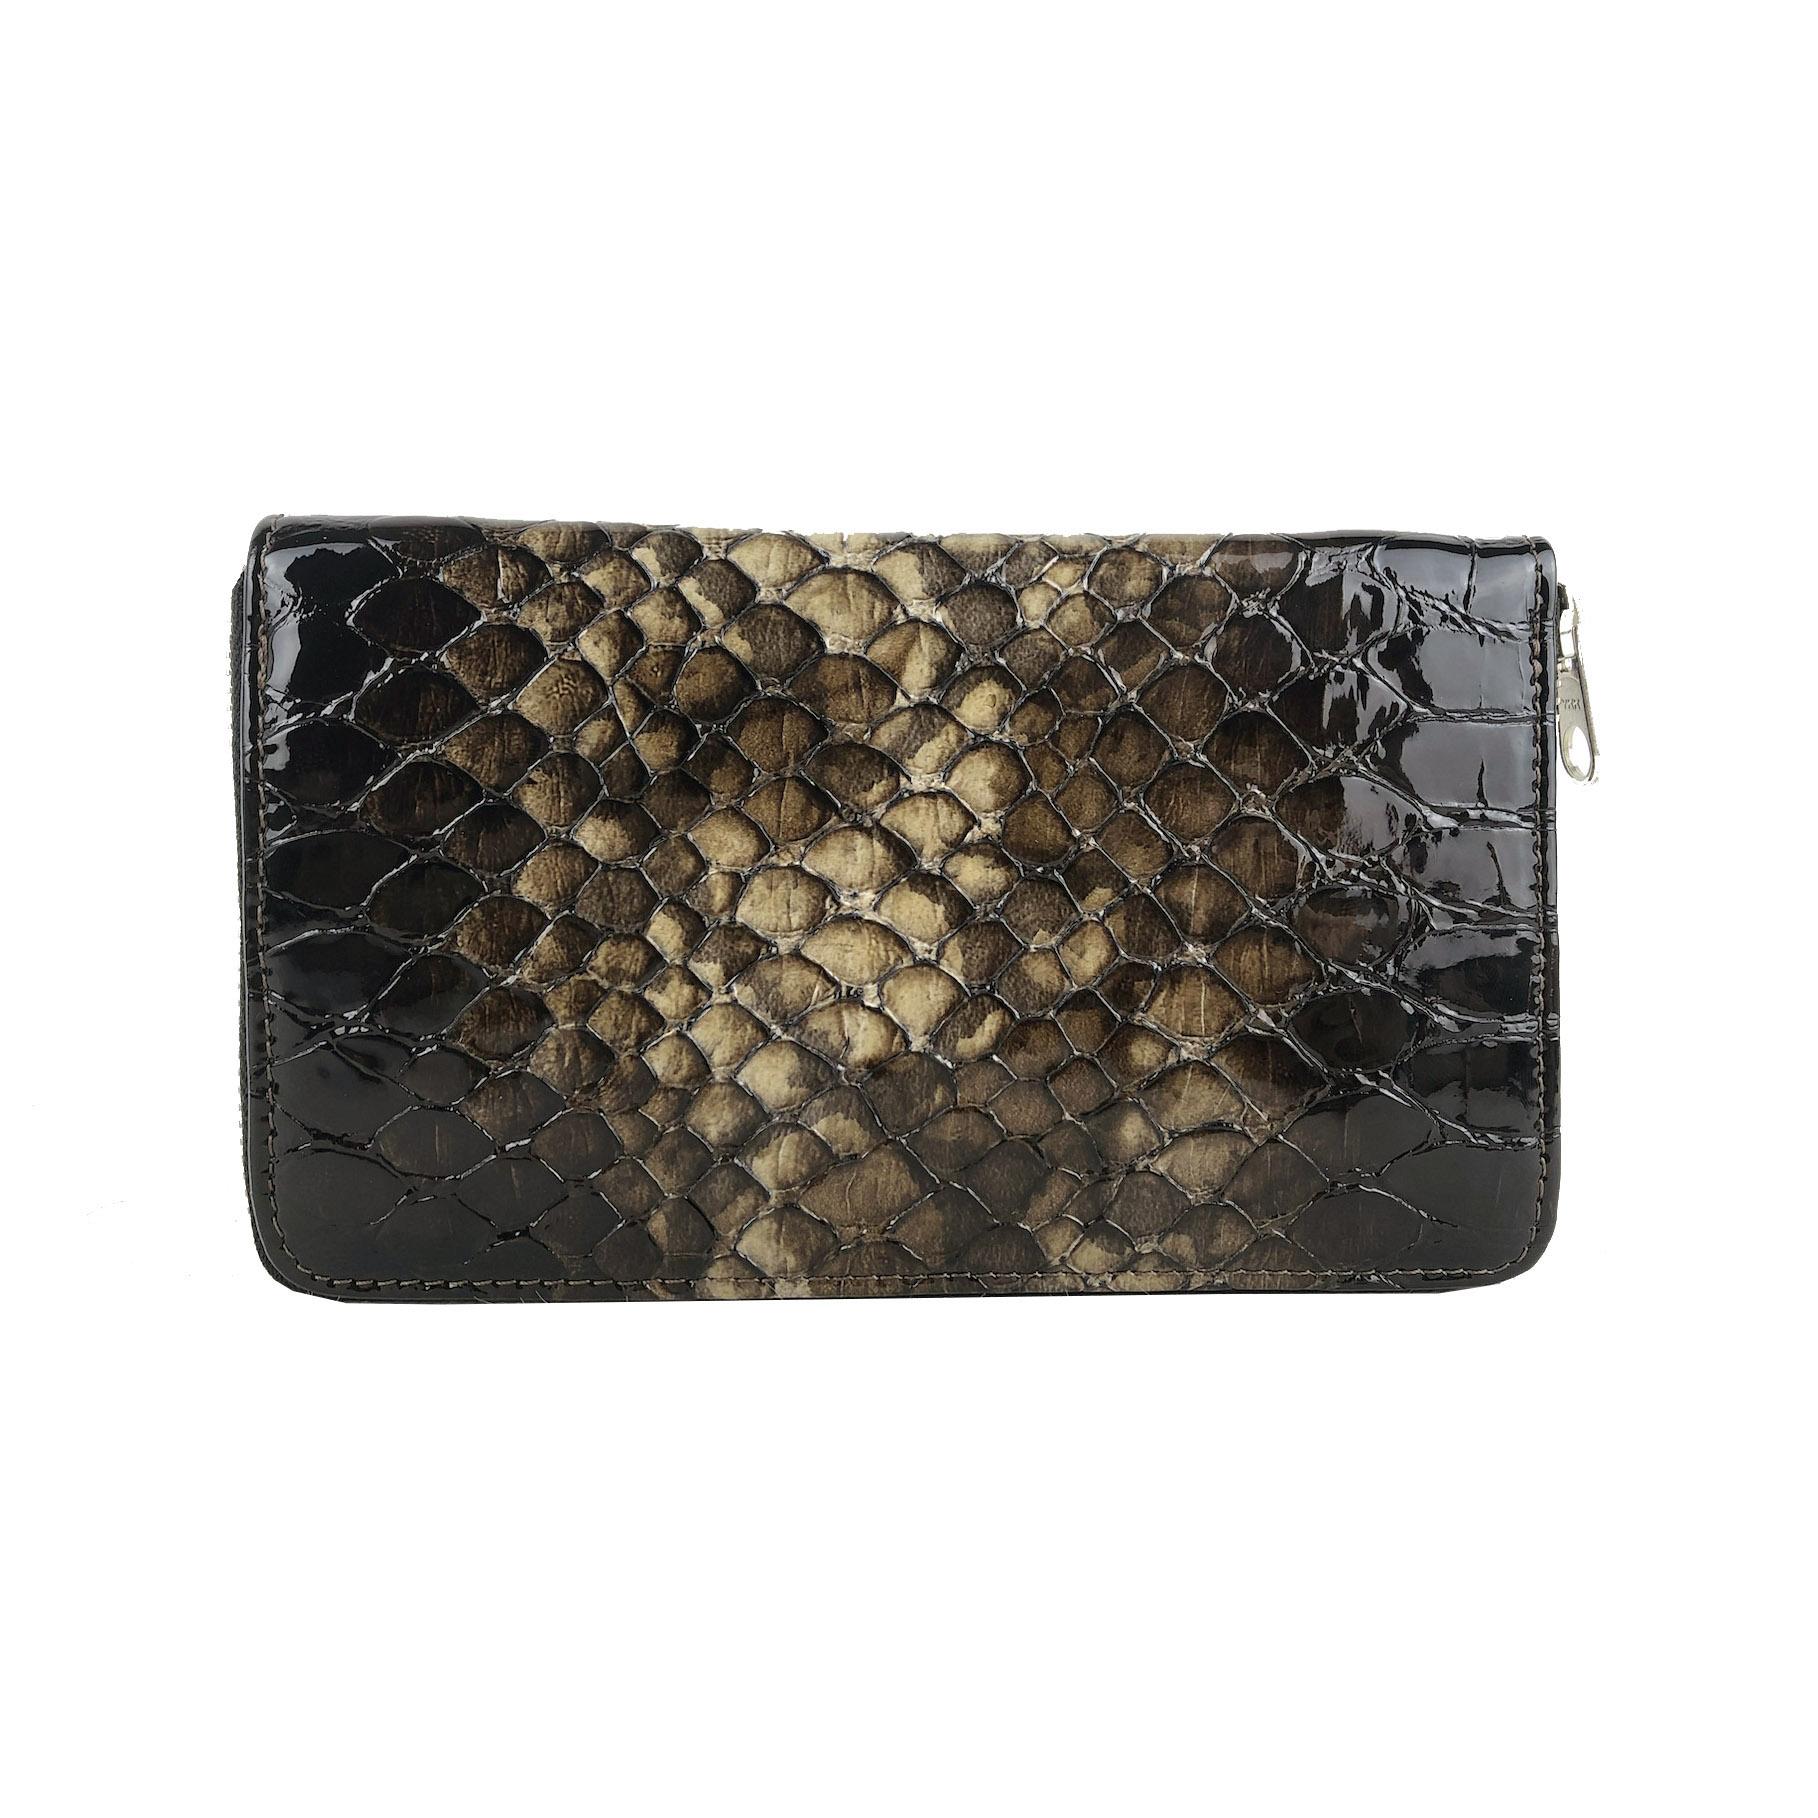 037f17fc6 Luxusná kožená peňaženka so vzorom hadej kože č.8606 v tmavo hnedej farbe